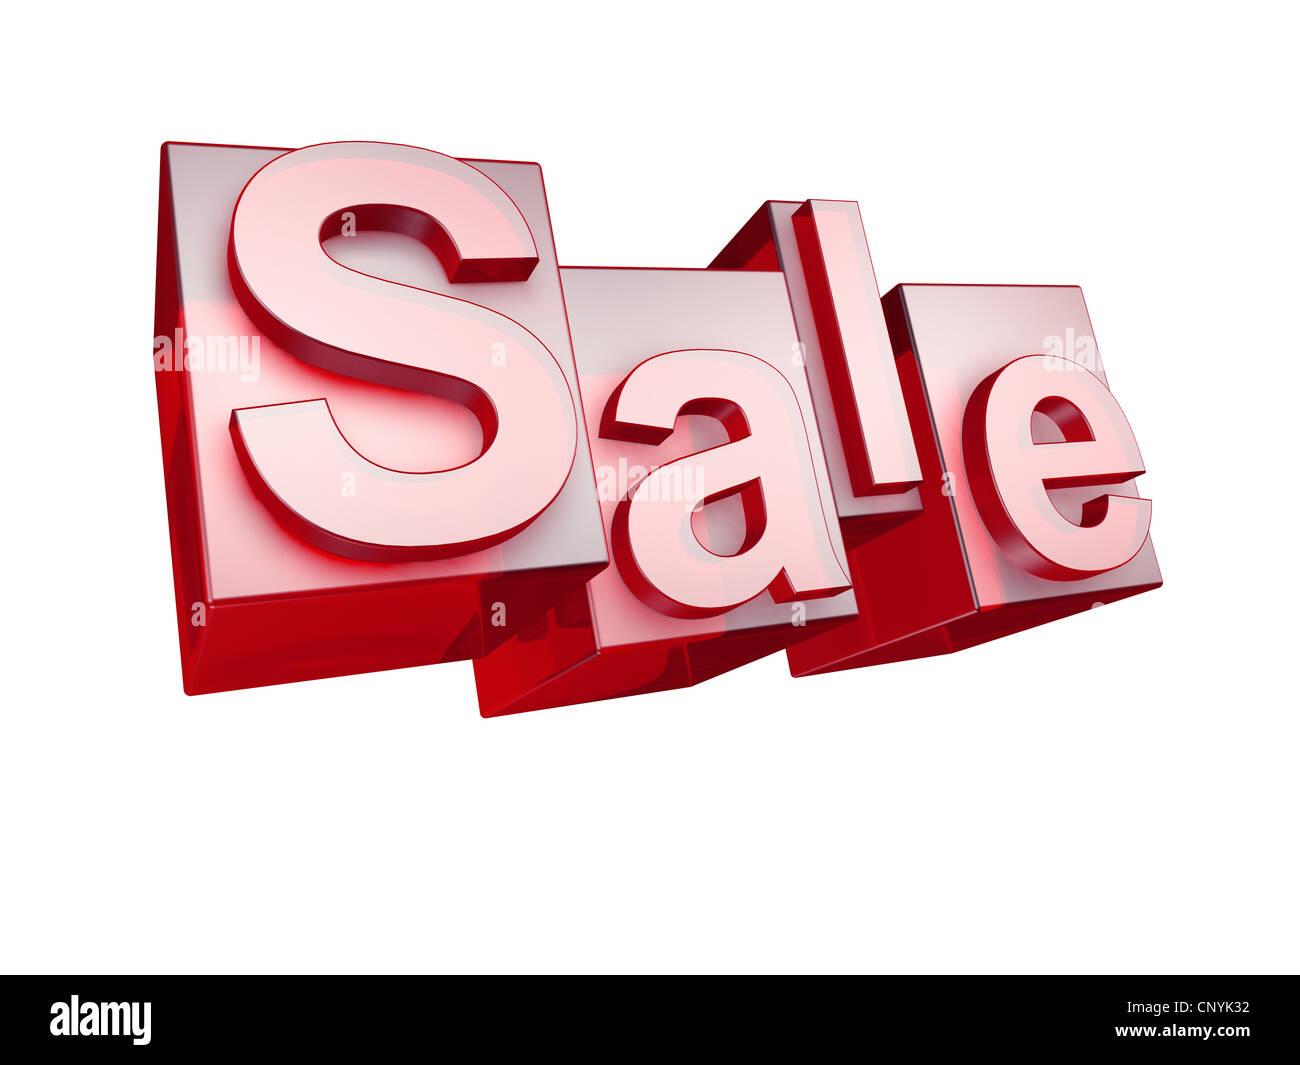 The word SALE in 3D Letters on white background - Das Wort SALE aus 3D Buchstaben gesetzt, freigestellt auf weißem - Stock Image